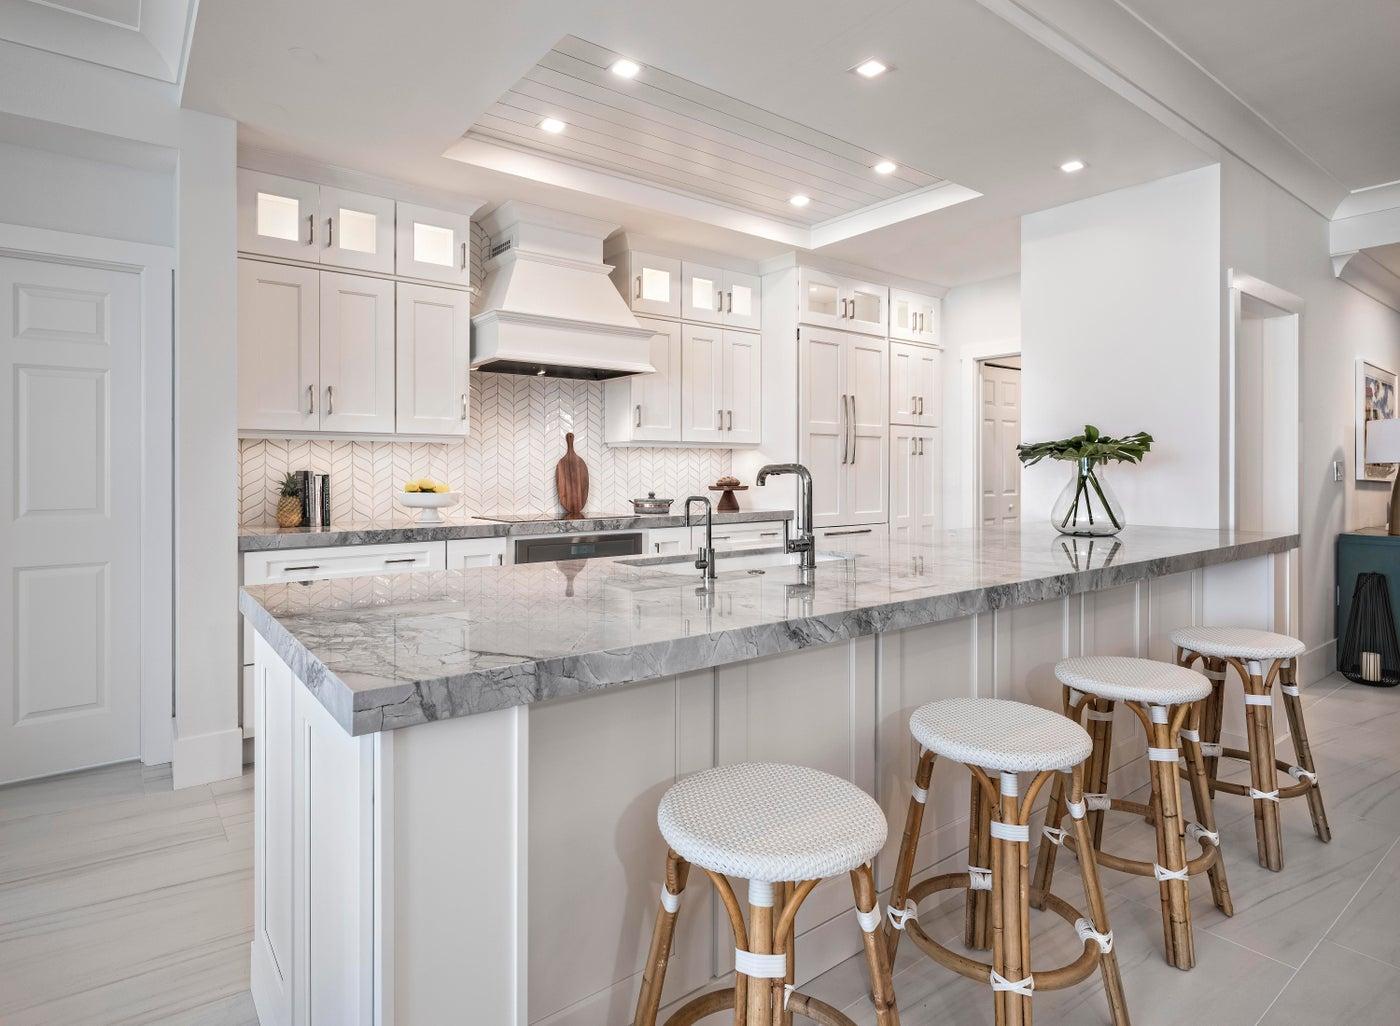 Jupiter Ocean Grande - Condo Renovation: Kitchen